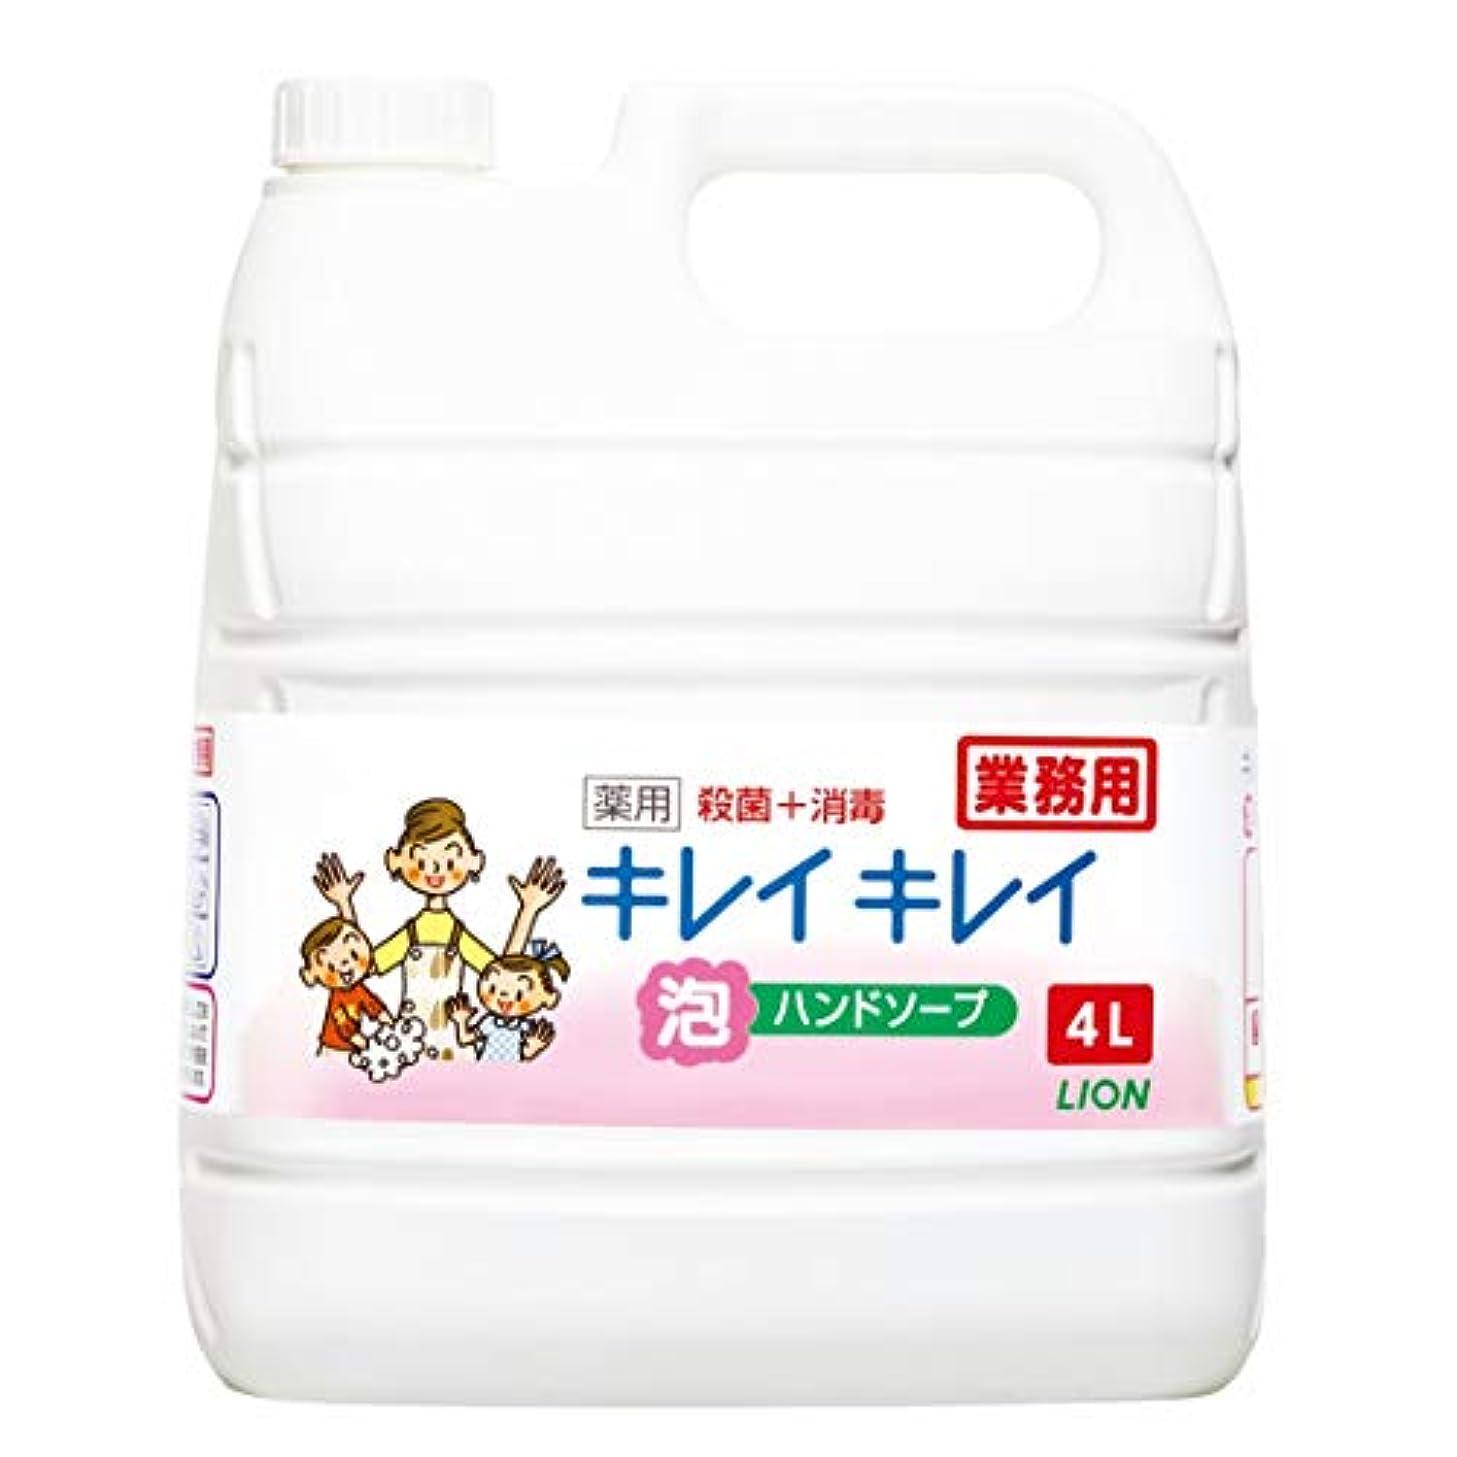 潜在的なチロ財産【業務用 大容量】キレイキレイ 薬用 泡ハンドソープ シトラスフルーティの香り 4L(医薬部外品)